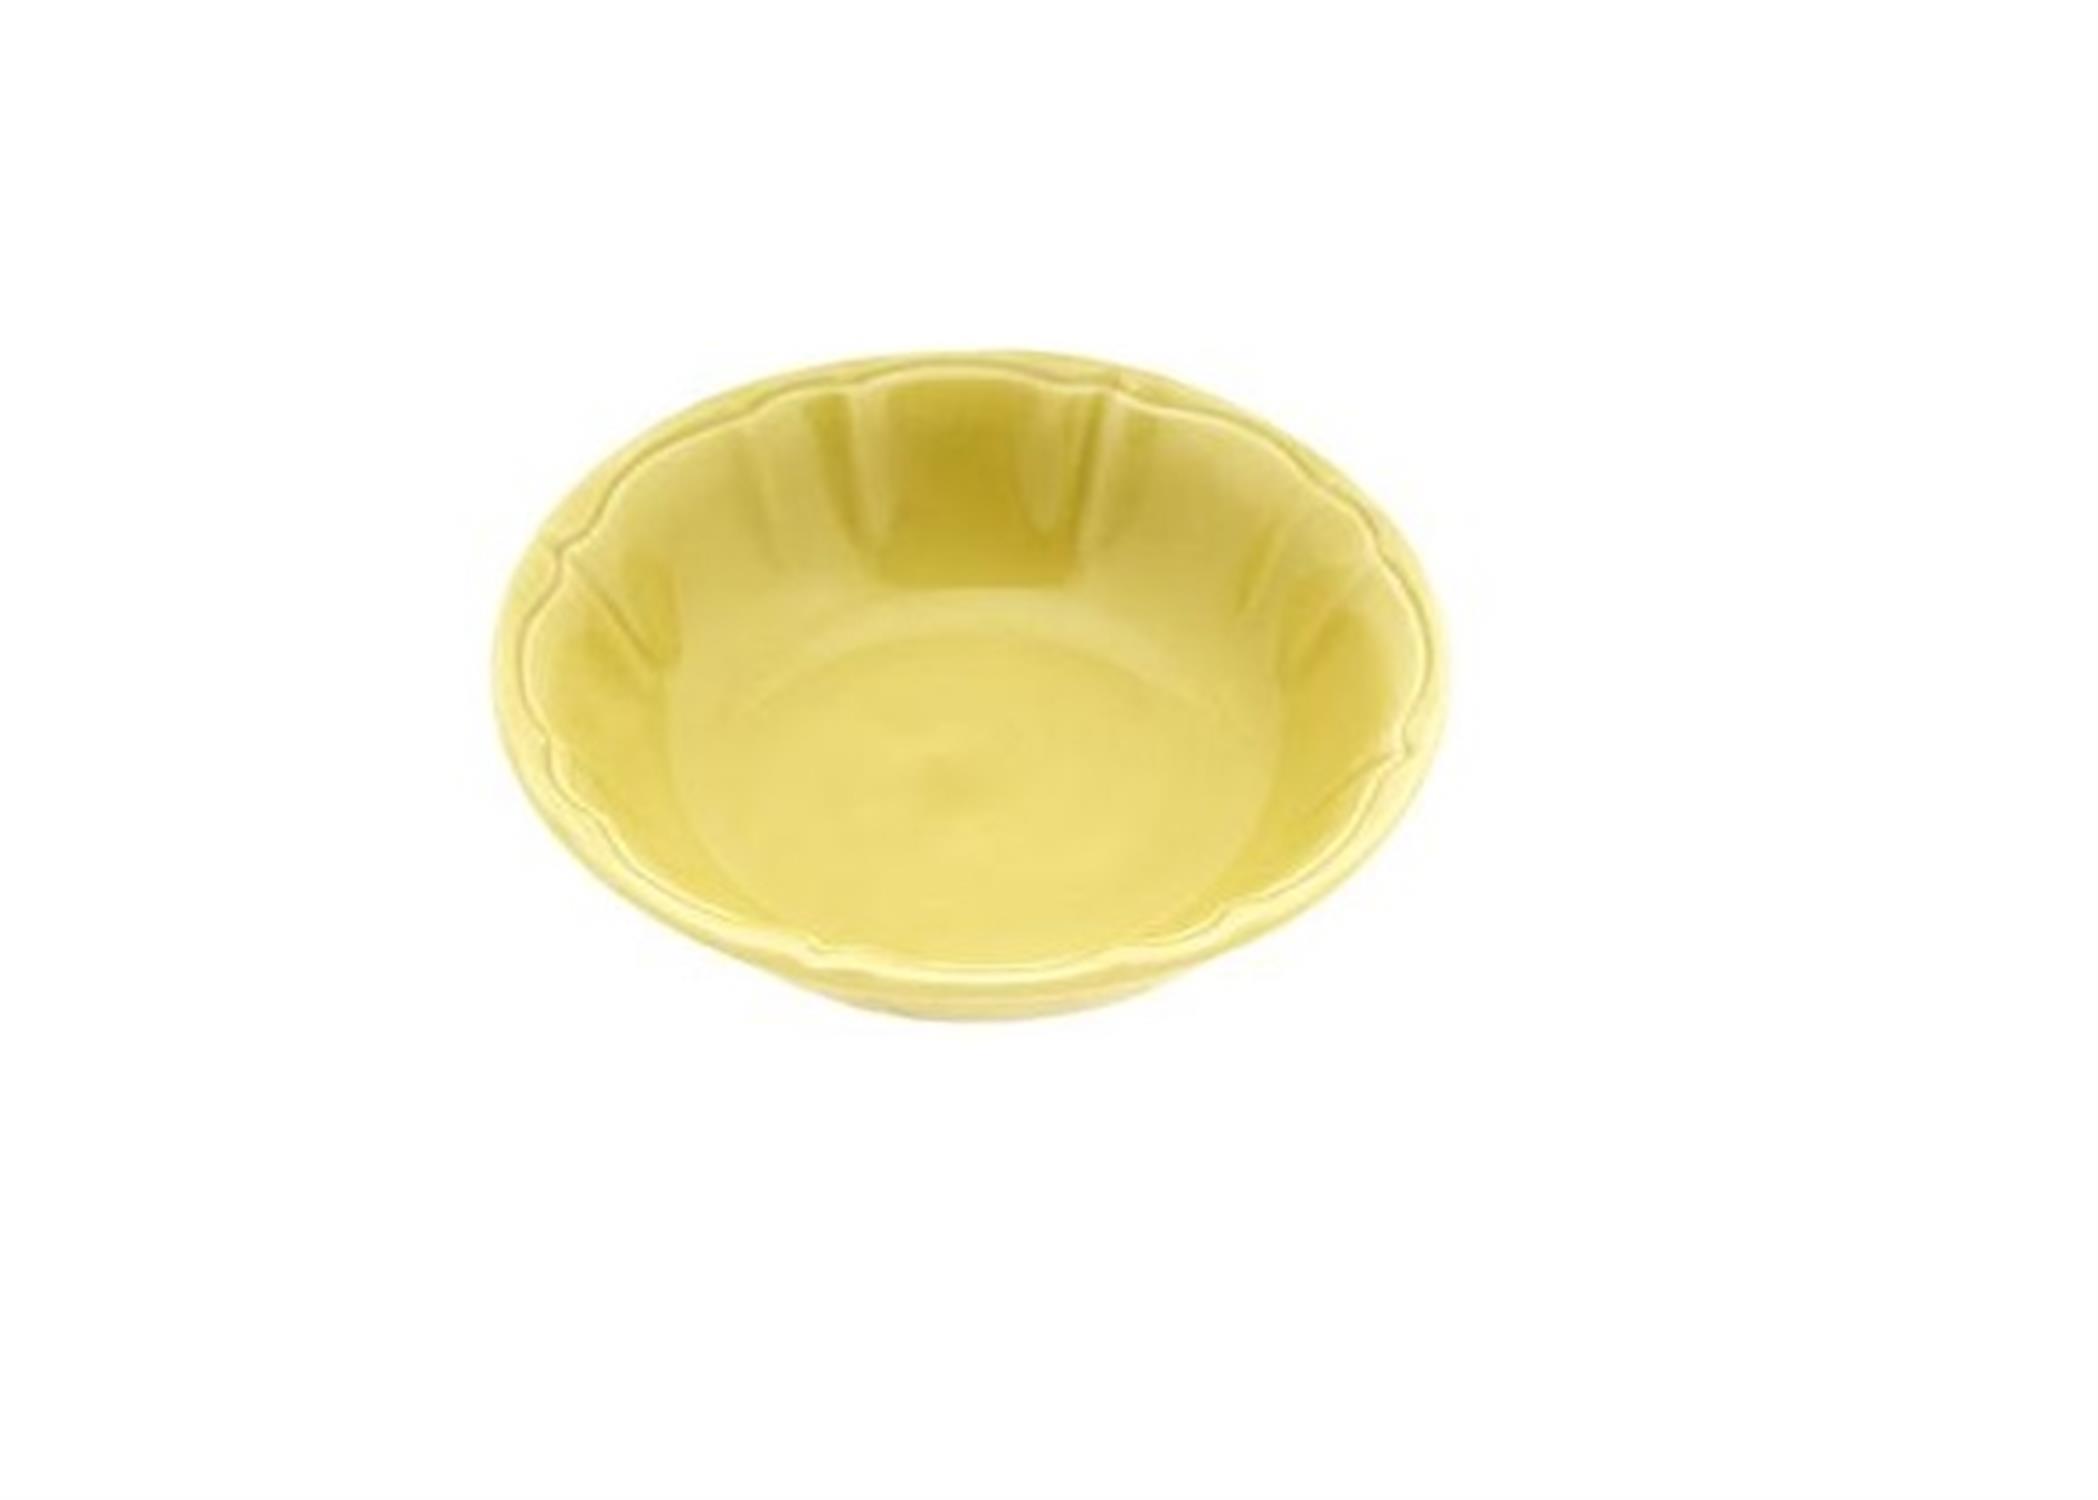 Μπωλ κεραμικό κίτρινο 16 cm Venus 89577